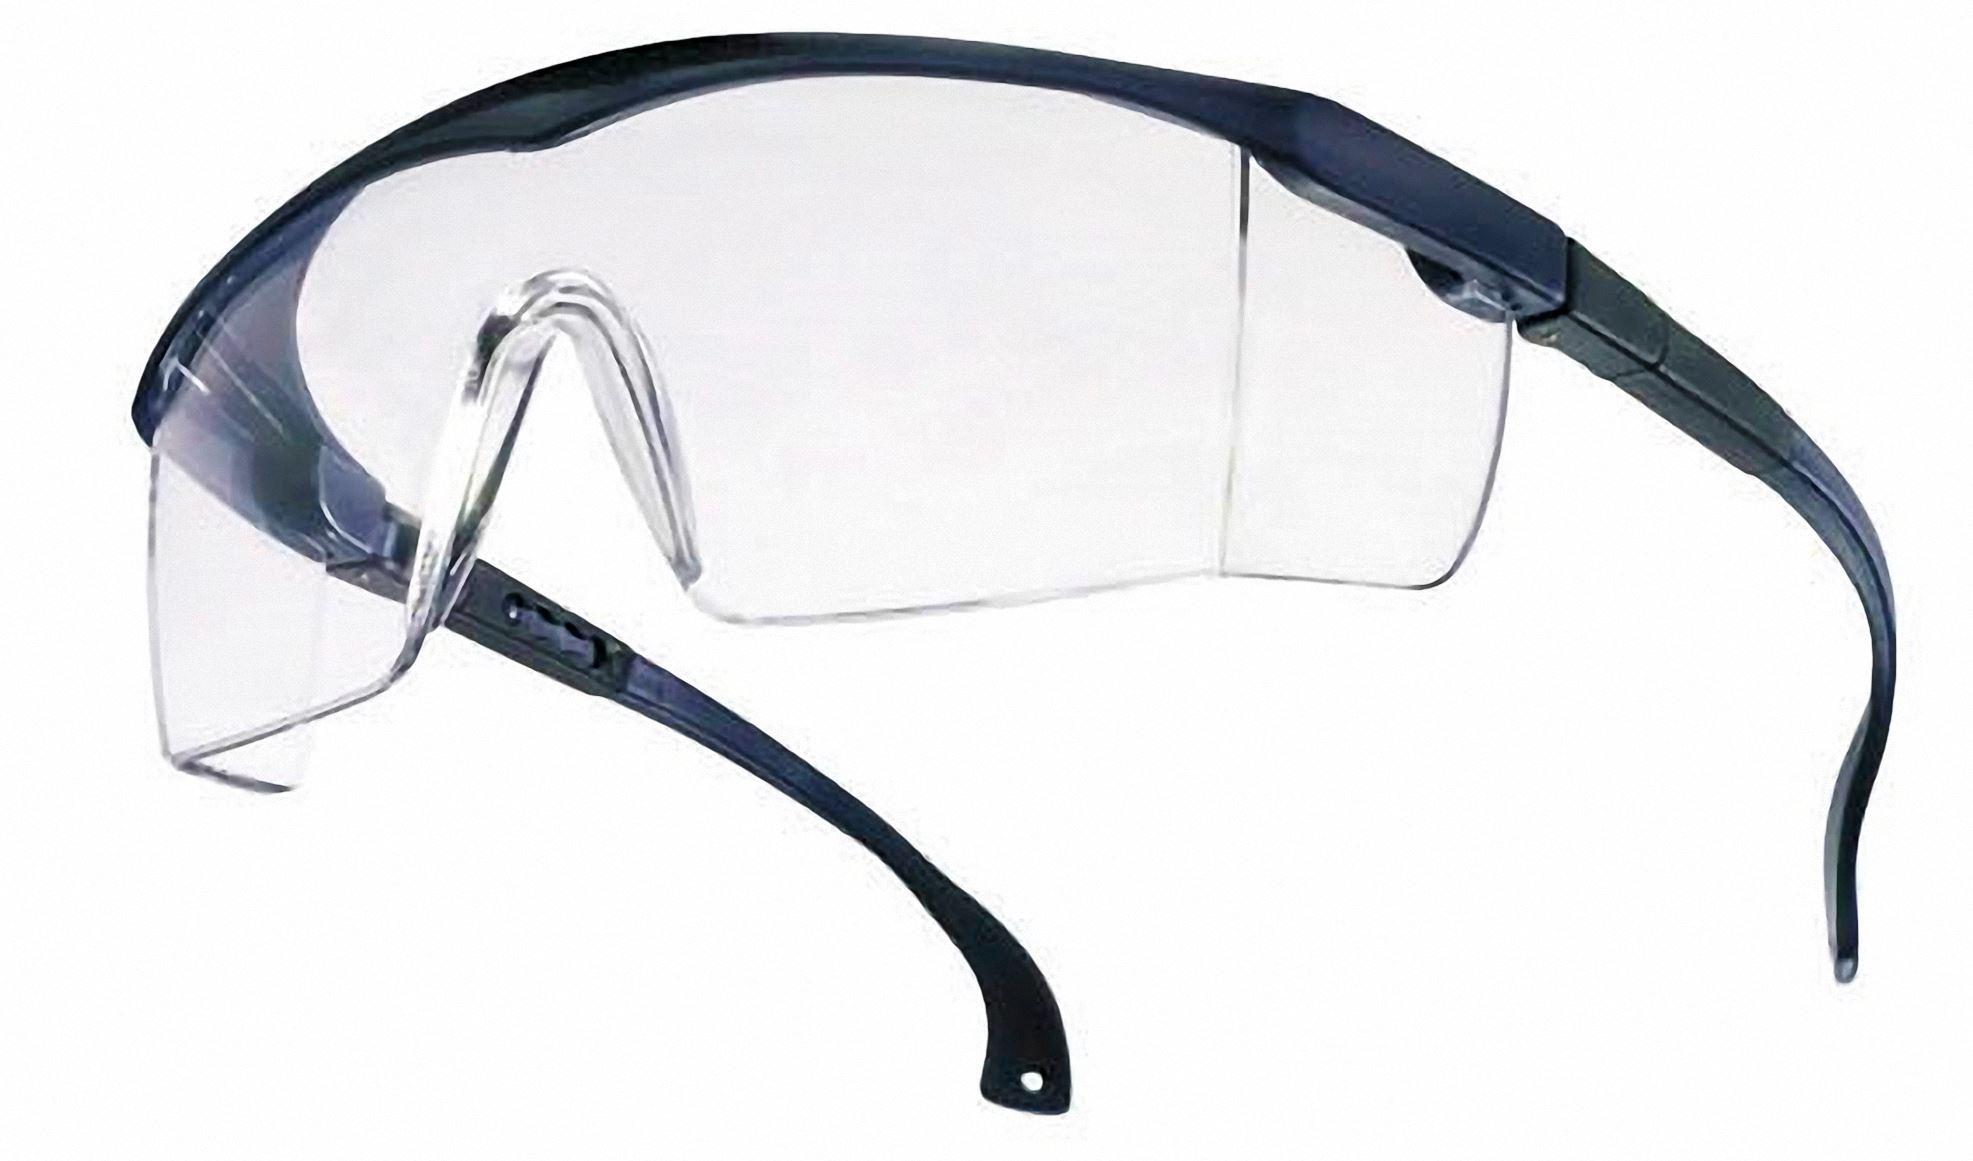 Schutzbrille BASIC klar EN166 blau verstellbarer Bügel Neigung und Länge